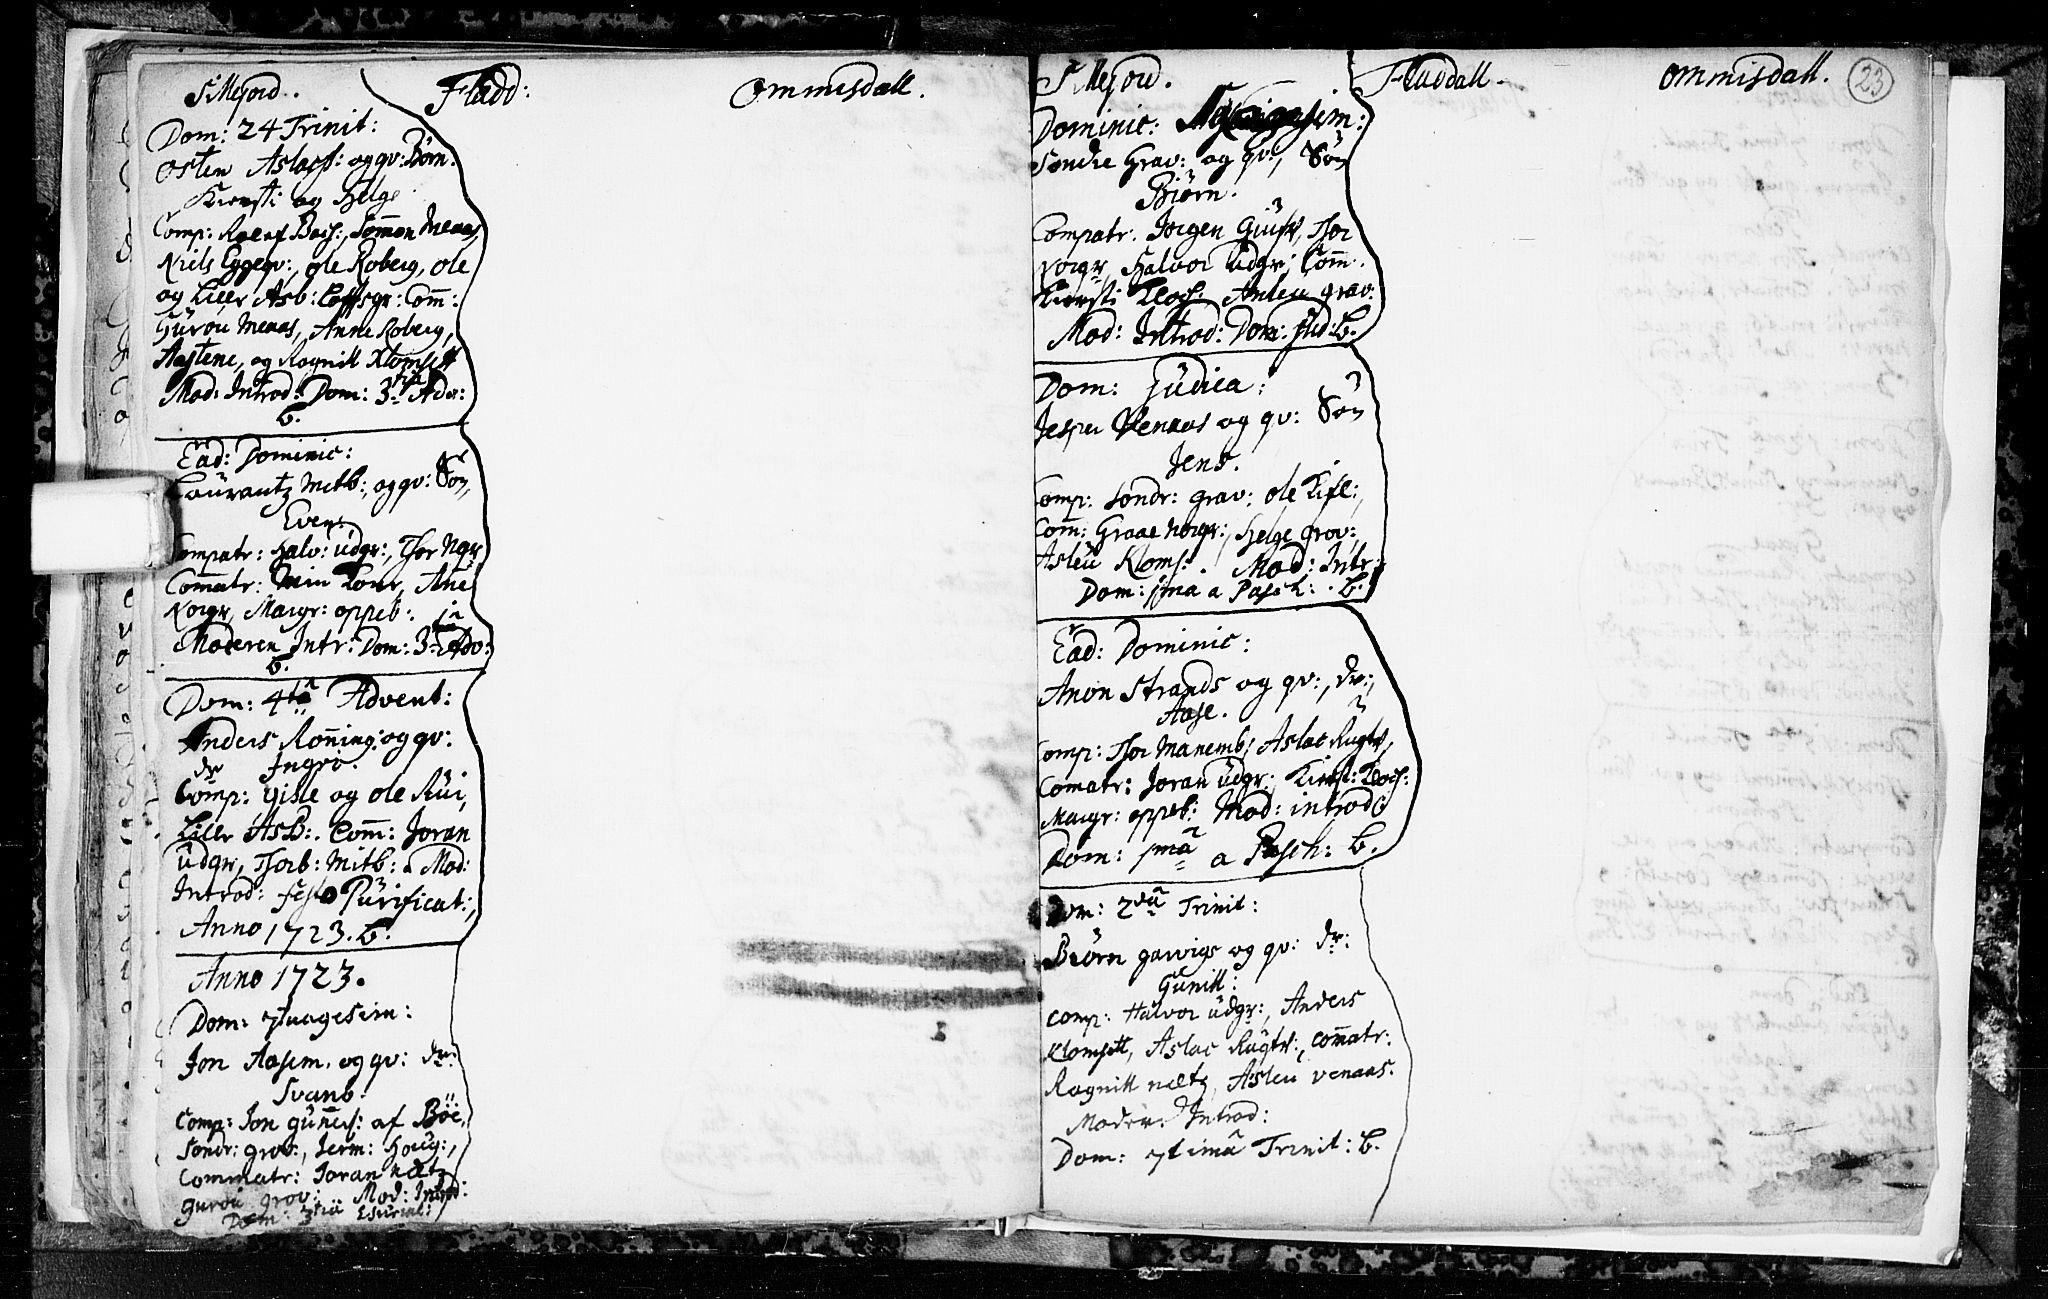 SAKO, Seljord kirkebøker, F/Fa/L0003: Ministerialbok nr. I 3, 1714-1725, s. 23